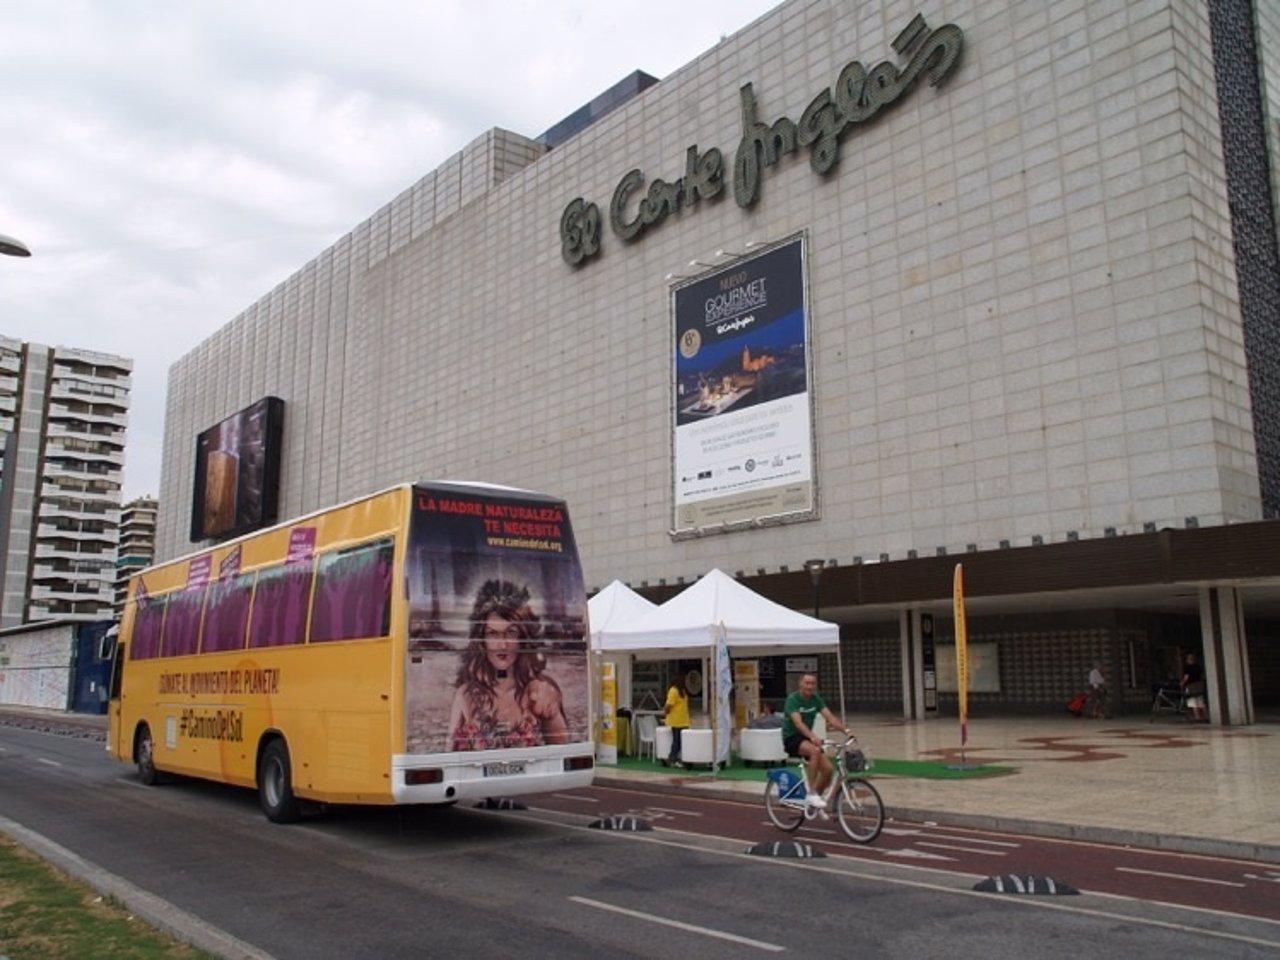 Autobús de Anpier 'El camino del Sol' productores fotovoltaicos